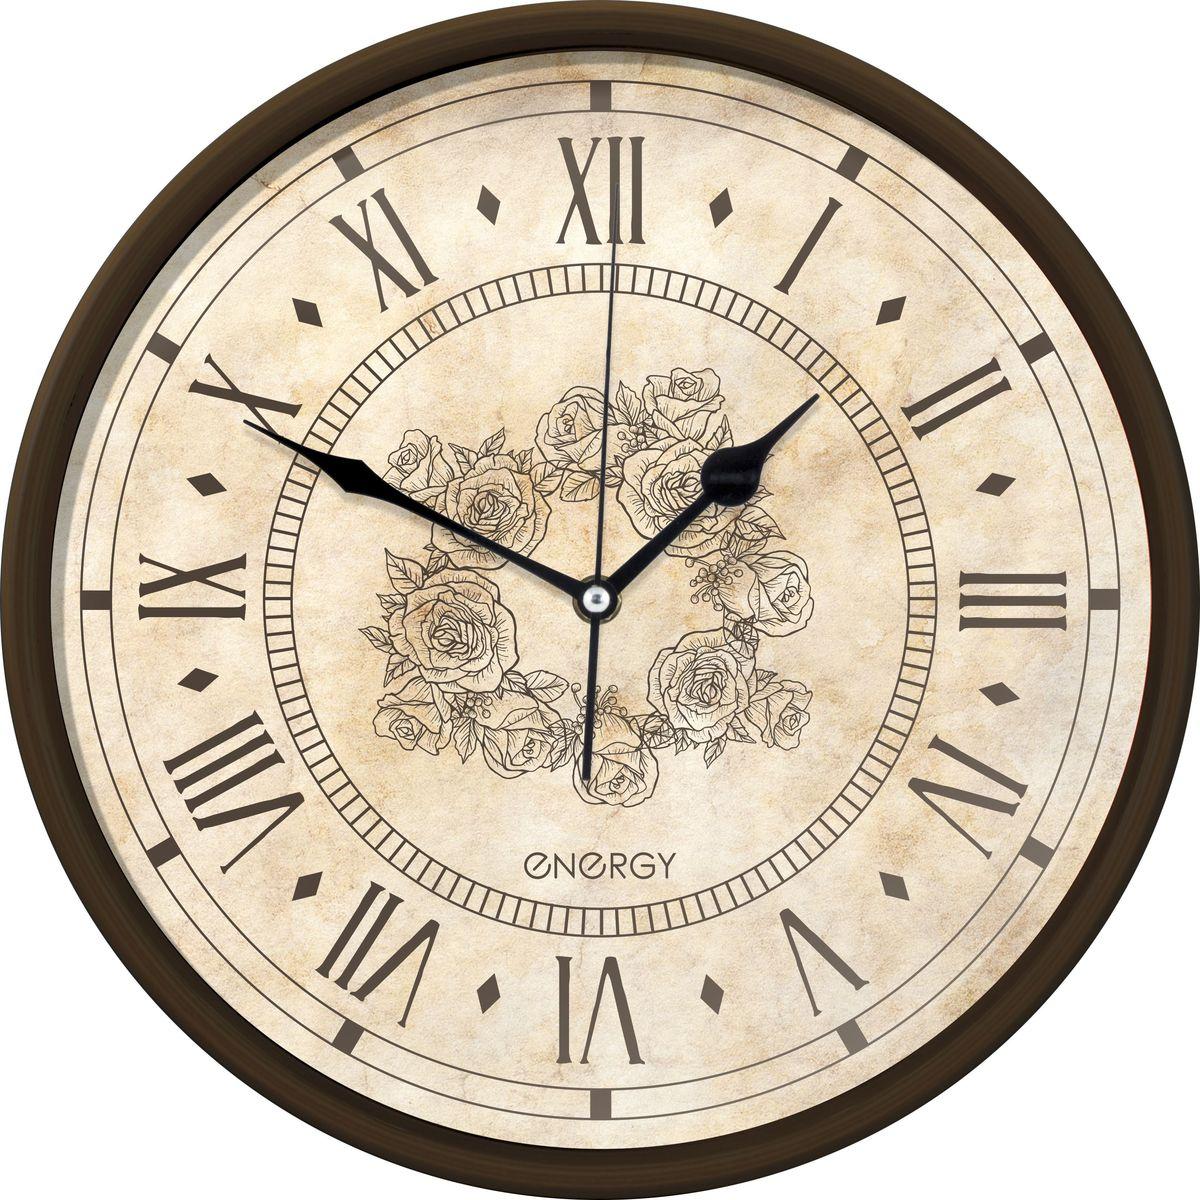 Настенные кварцевые часы с плавным ходом Energy ЕС-106 имеют оригинальный яркий дизайн и поэтому подойдут  для вашего дома или офиса, декорированного в подобном стиле. Крупные цифры коричневого цвета отлично  различимы даже в условиях плохого освещения. Питание осуществляется от 1 батарейки типа АА (в комплект не  входит).  Размер 32 см х 4,5 см